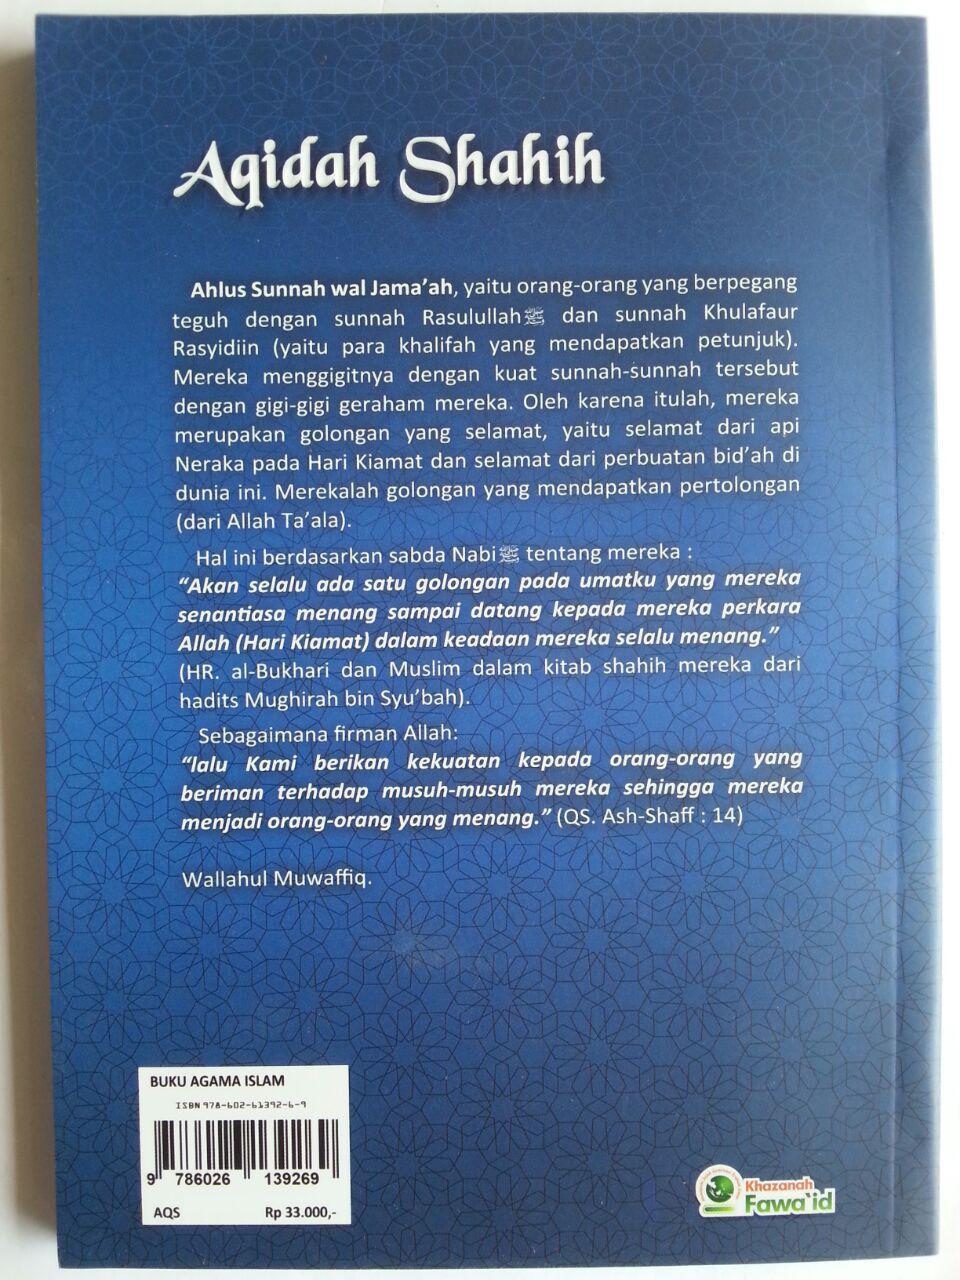 Buku Aqidah Shahih Yang Wajib Diyakini Oleh Setiap Muslim cover